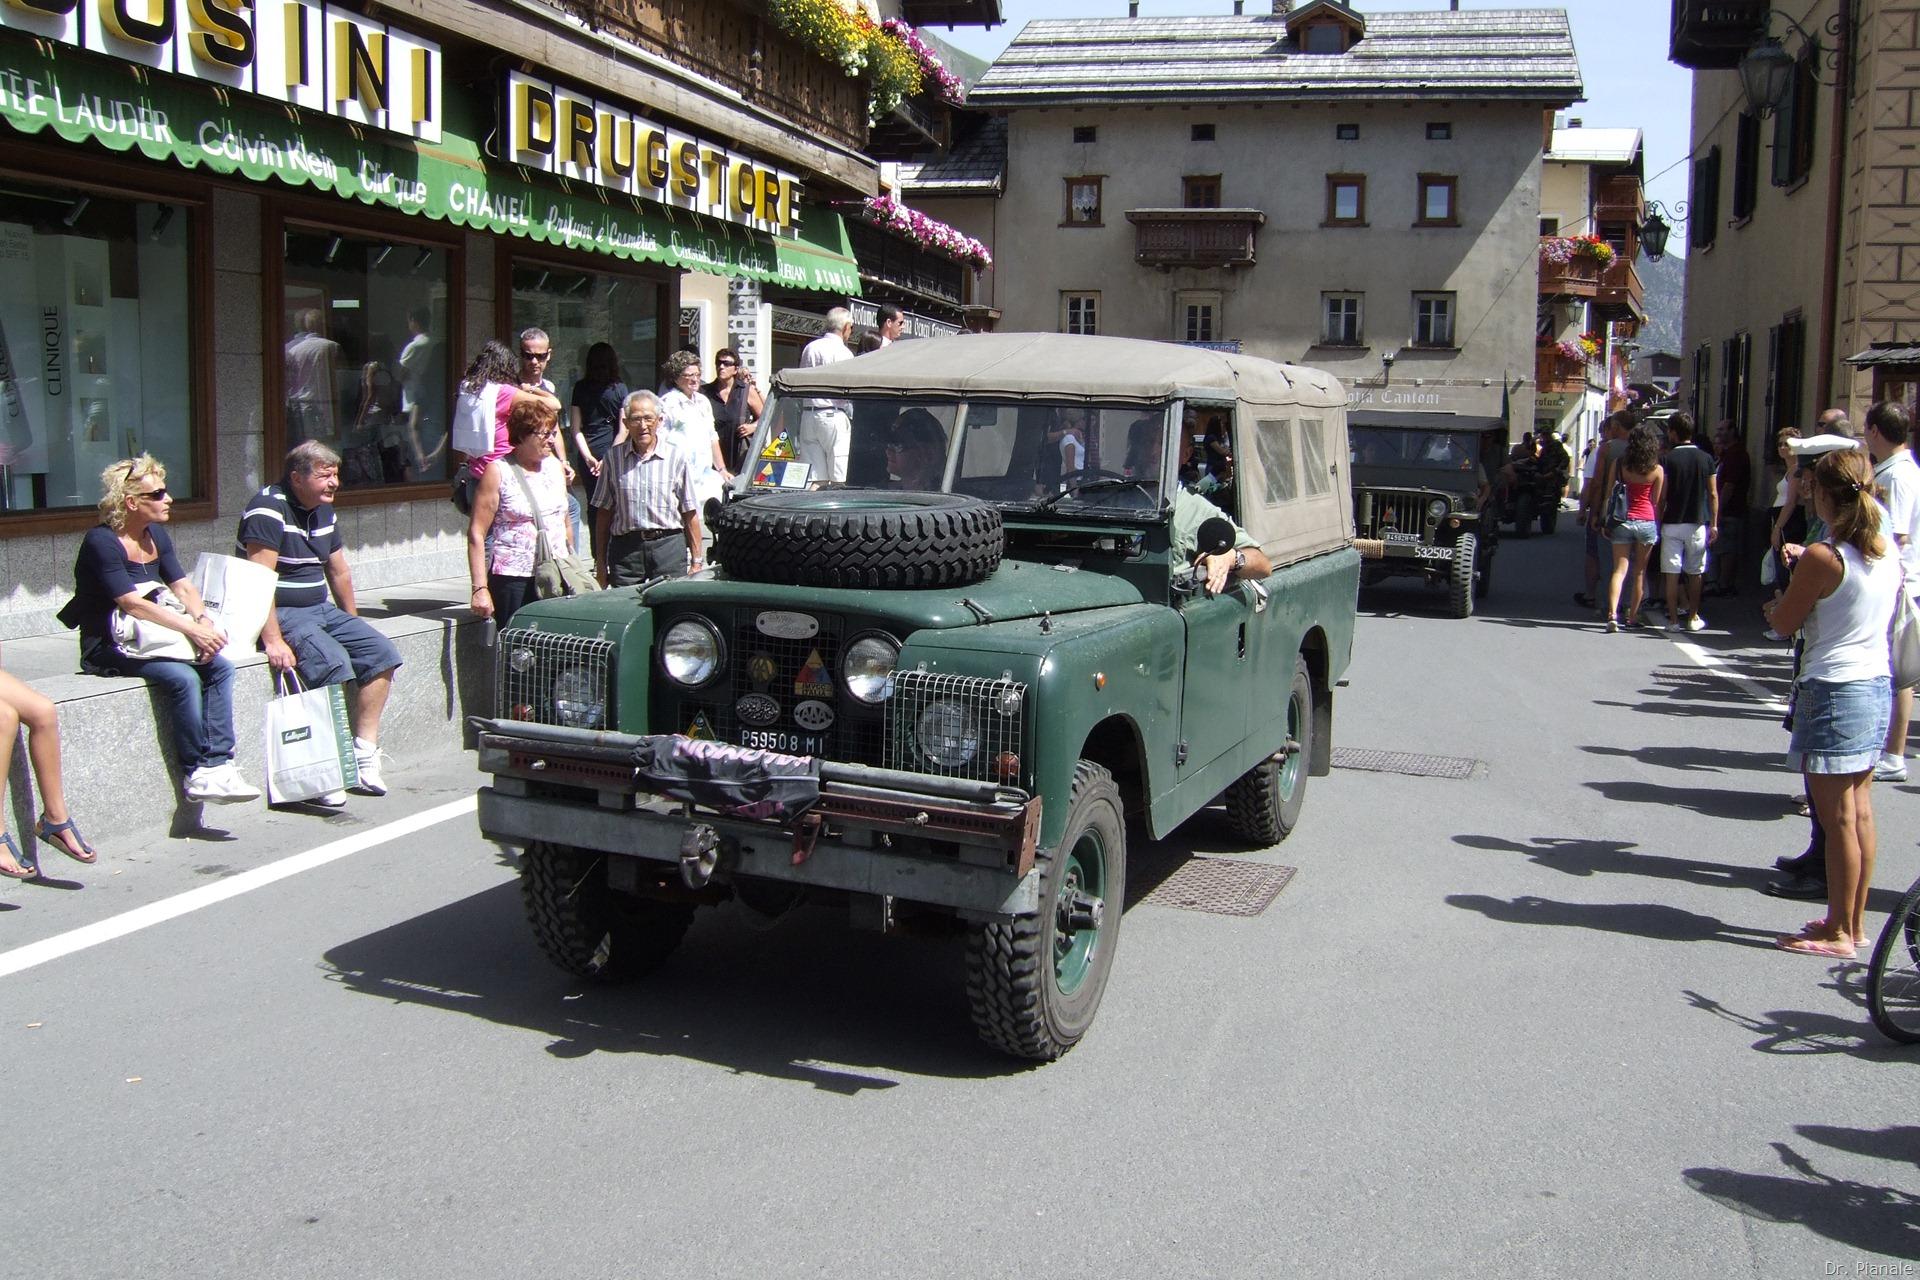 militari storici a Livigno